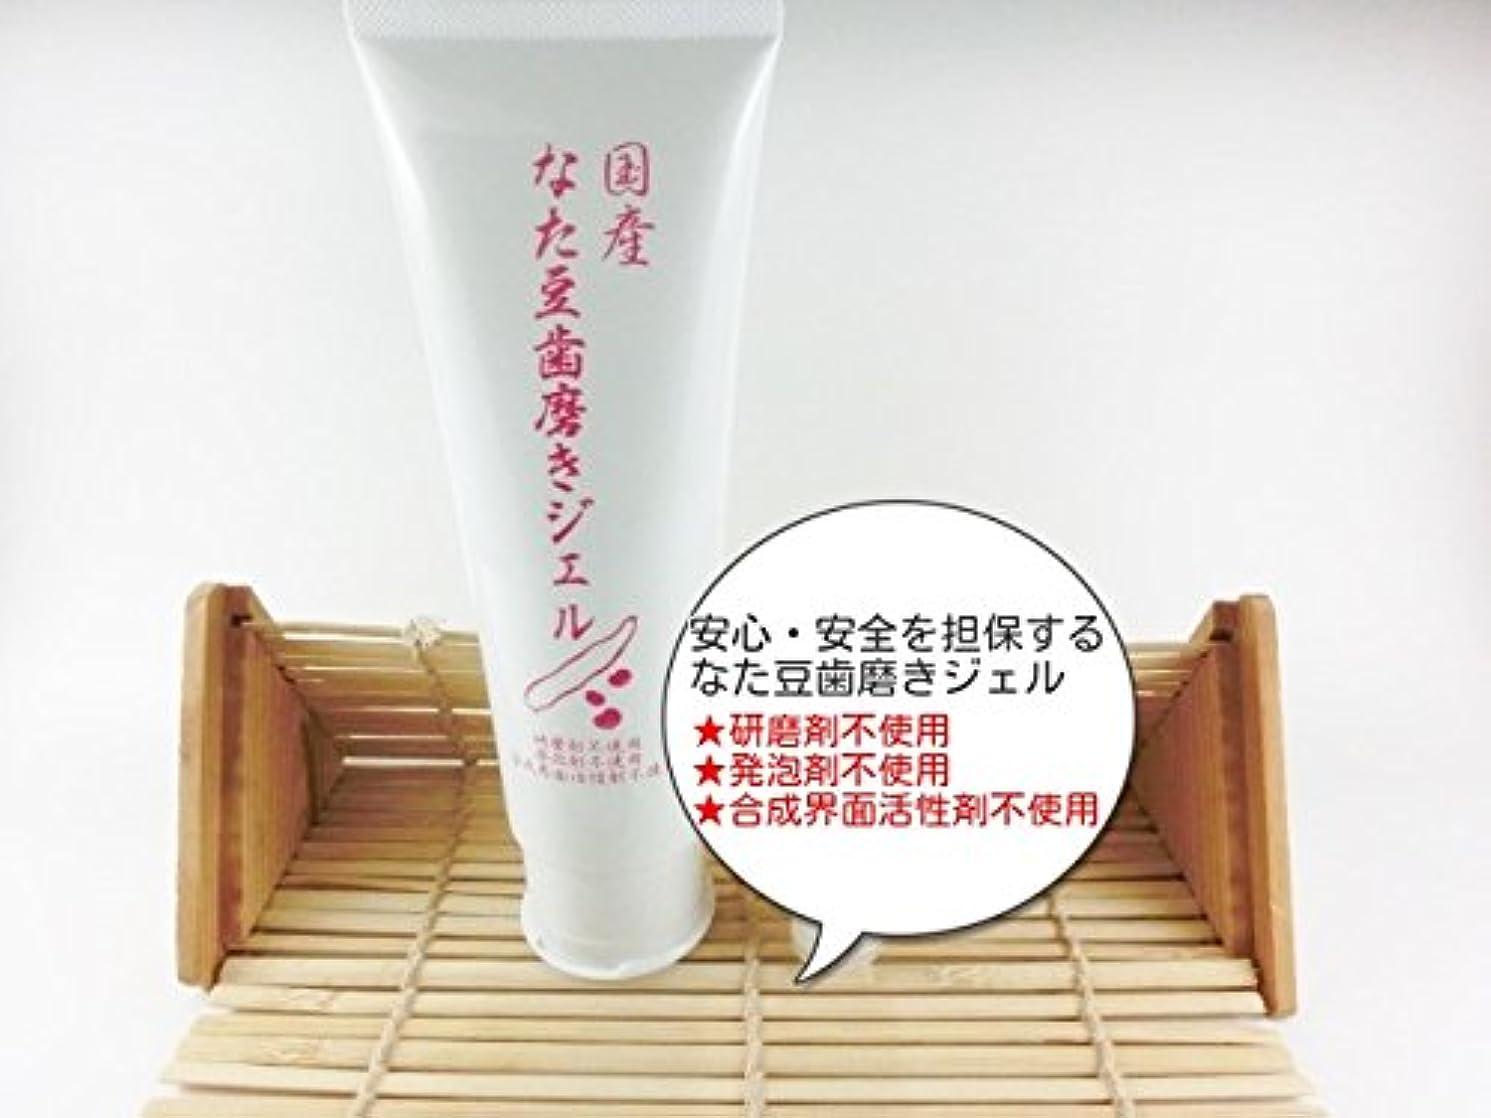 パーク今日ハック国産 なた豆歯みがき粉 ジェル 120g 災害時安心/安全(発泡剤?研磨剤)不使用。